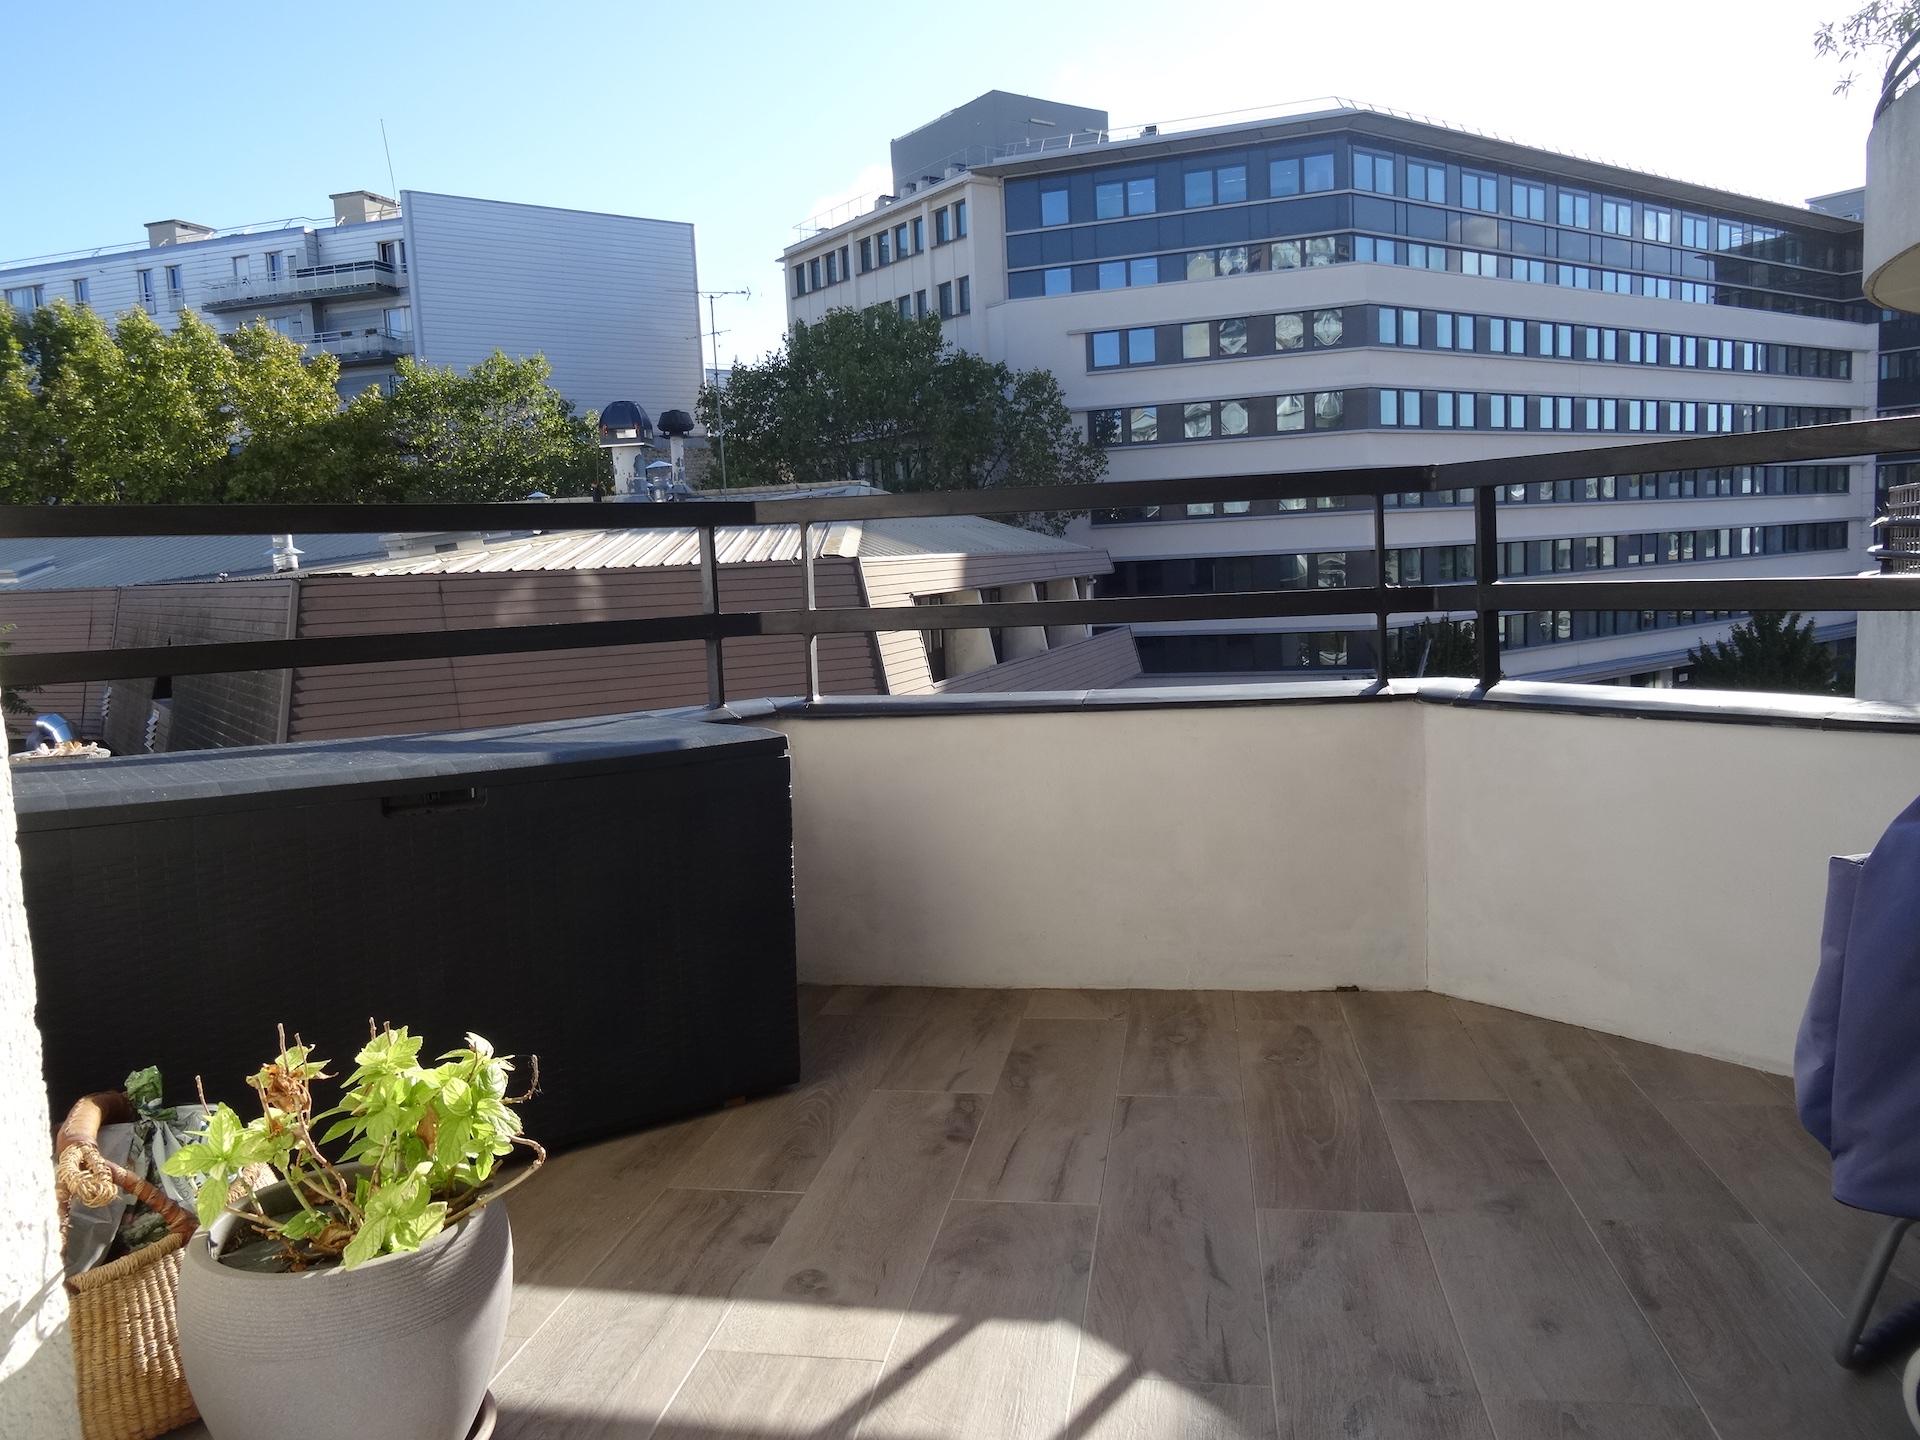 vente-appartement-3-pieces-boulogne-la-clef-des-villes-agence-immobiliere-balcon-terrasse